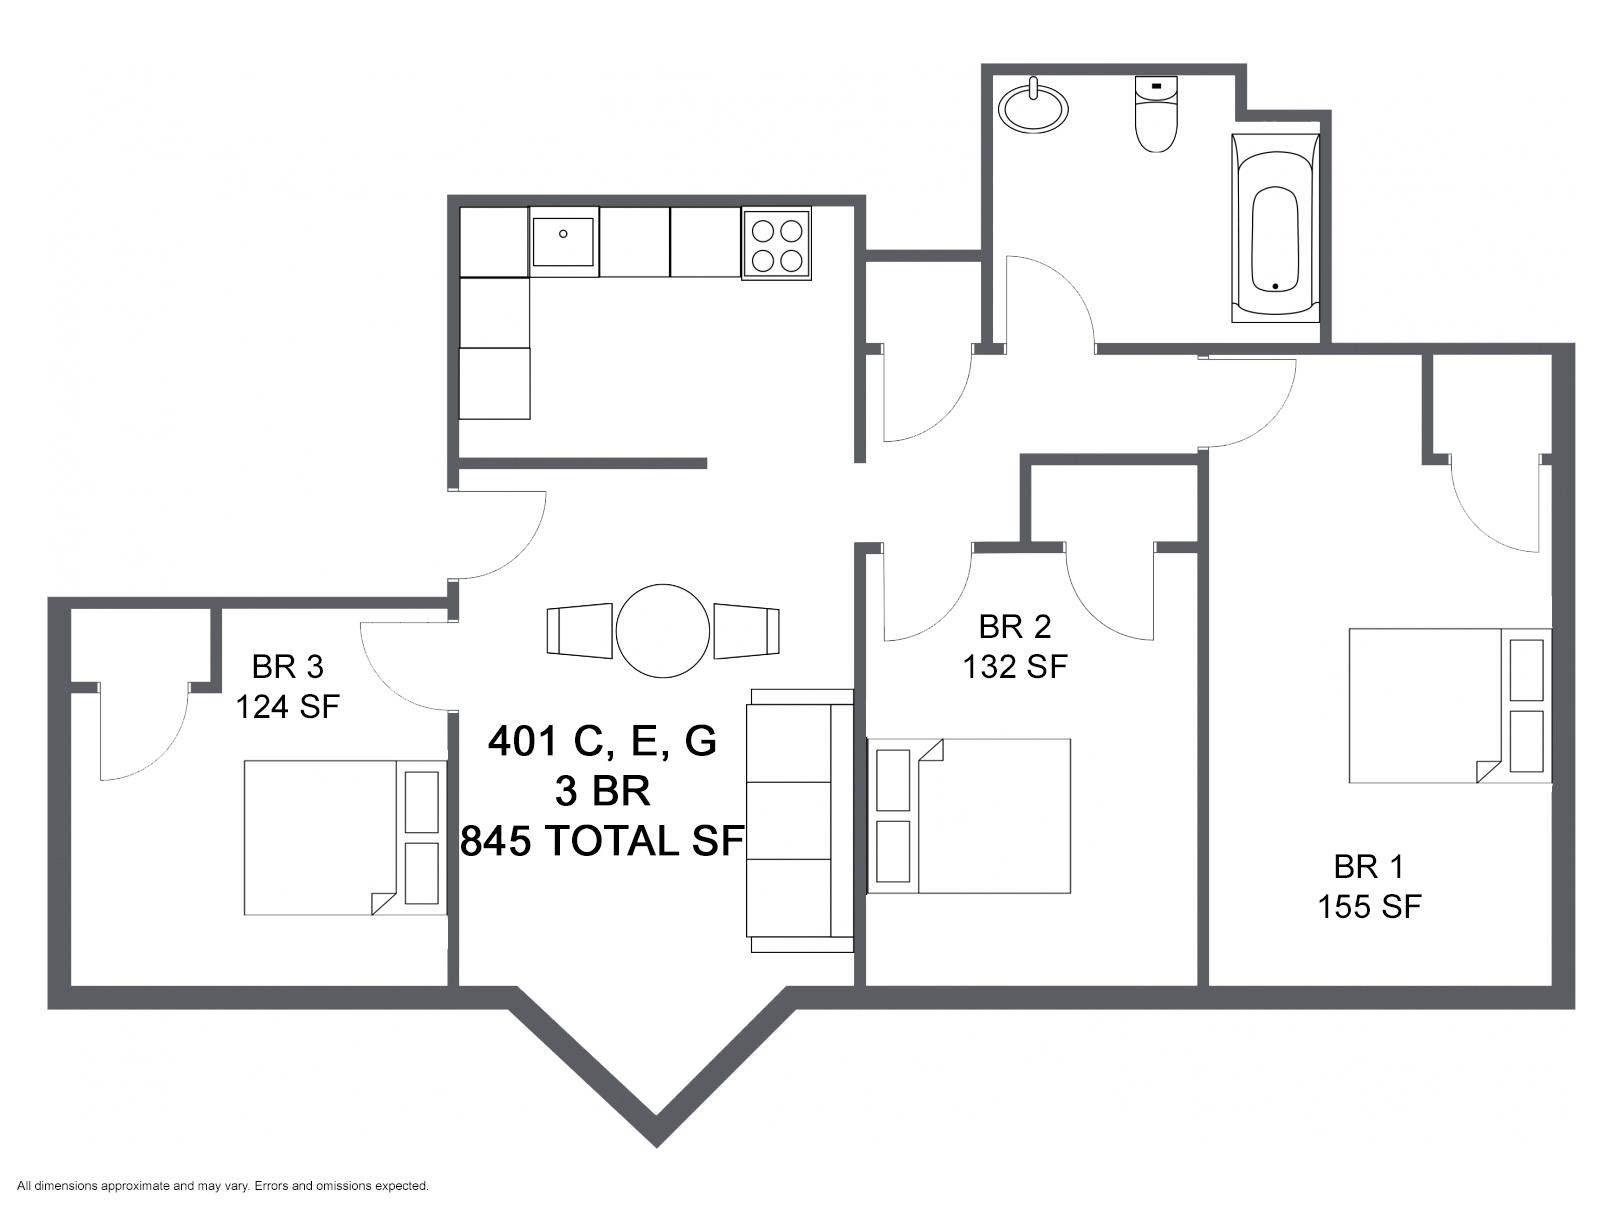 Apartment C E G